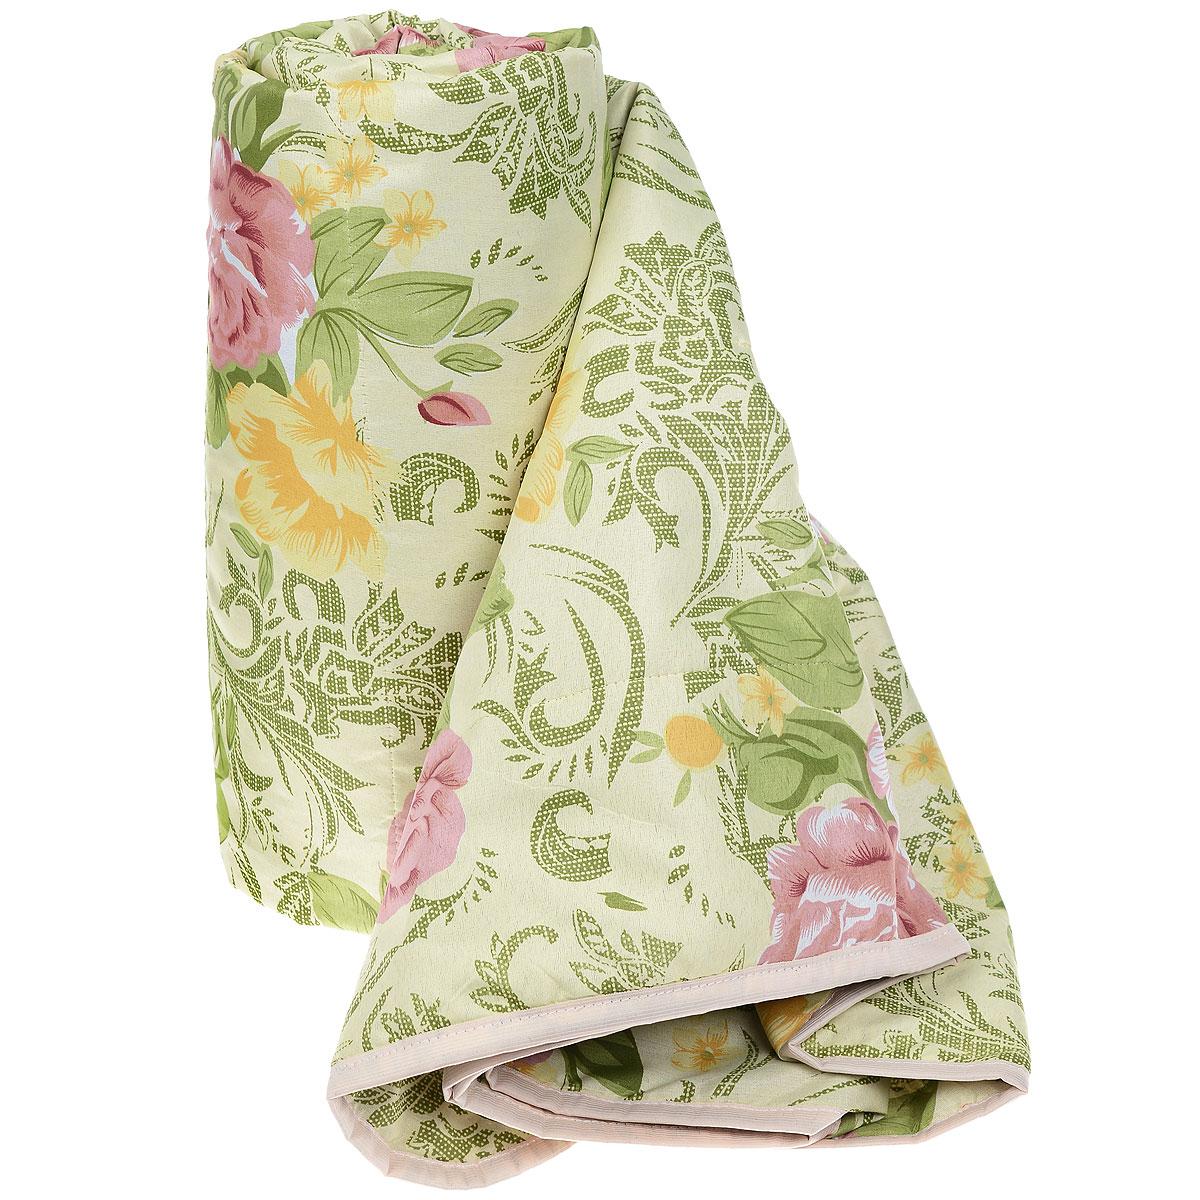 Одеяло летнее OL-Tex Miotex, наполнитель: холфитекс, цвет: зеленый, розовый, 200 см х 220 см. МХПЭ-22-1МХПЭ-22-1_зеленый, розовые розыЛегкое летнее одеяло OL-Tex Miotex создаст комфорт и уют во время сна. Чехол выполнен из полиэстера и оформлен красочным цветочным рисунком. Внутри - современный наполнитель из полиэфирного высокосиликонизированного волокна холфитекс, упругий и качественный. Прекрасно держит тепло. Одеяло с наполнителем холфитекс легкое и комфортное. Даже после многократных стирок не теряет свою форму, наполнитель не сбивается, так как одеяло простегано и окантовано. Рекомендации по уходу: - Ручная и машинная стирка при температуре 30°С. - Не гладить. - Не отбеливать. - Нельзя отжимать и сушить в стиральной машине. - Сушить вертикально. Размер одеяла: 200 см х 220 см. Материал чехла: 100% полиэстер. Материал наполнителя: холфитекс.